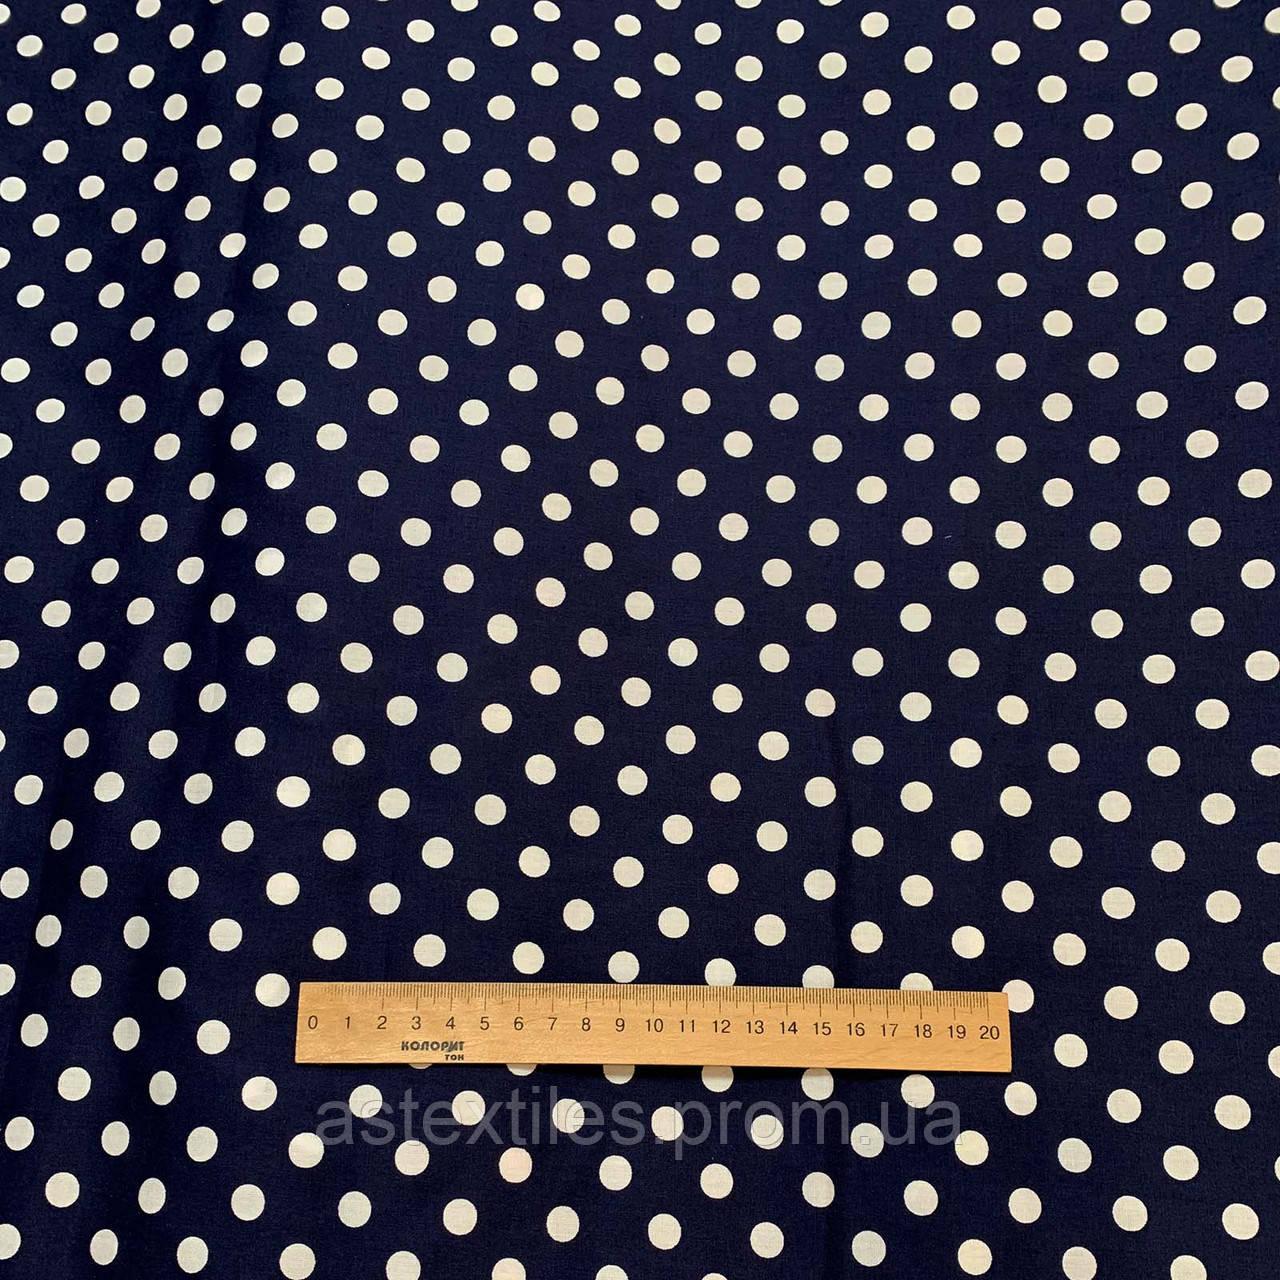 Поплин, тонкий стрейч коттон принт (белый горох 1см на темно-синем фоне)